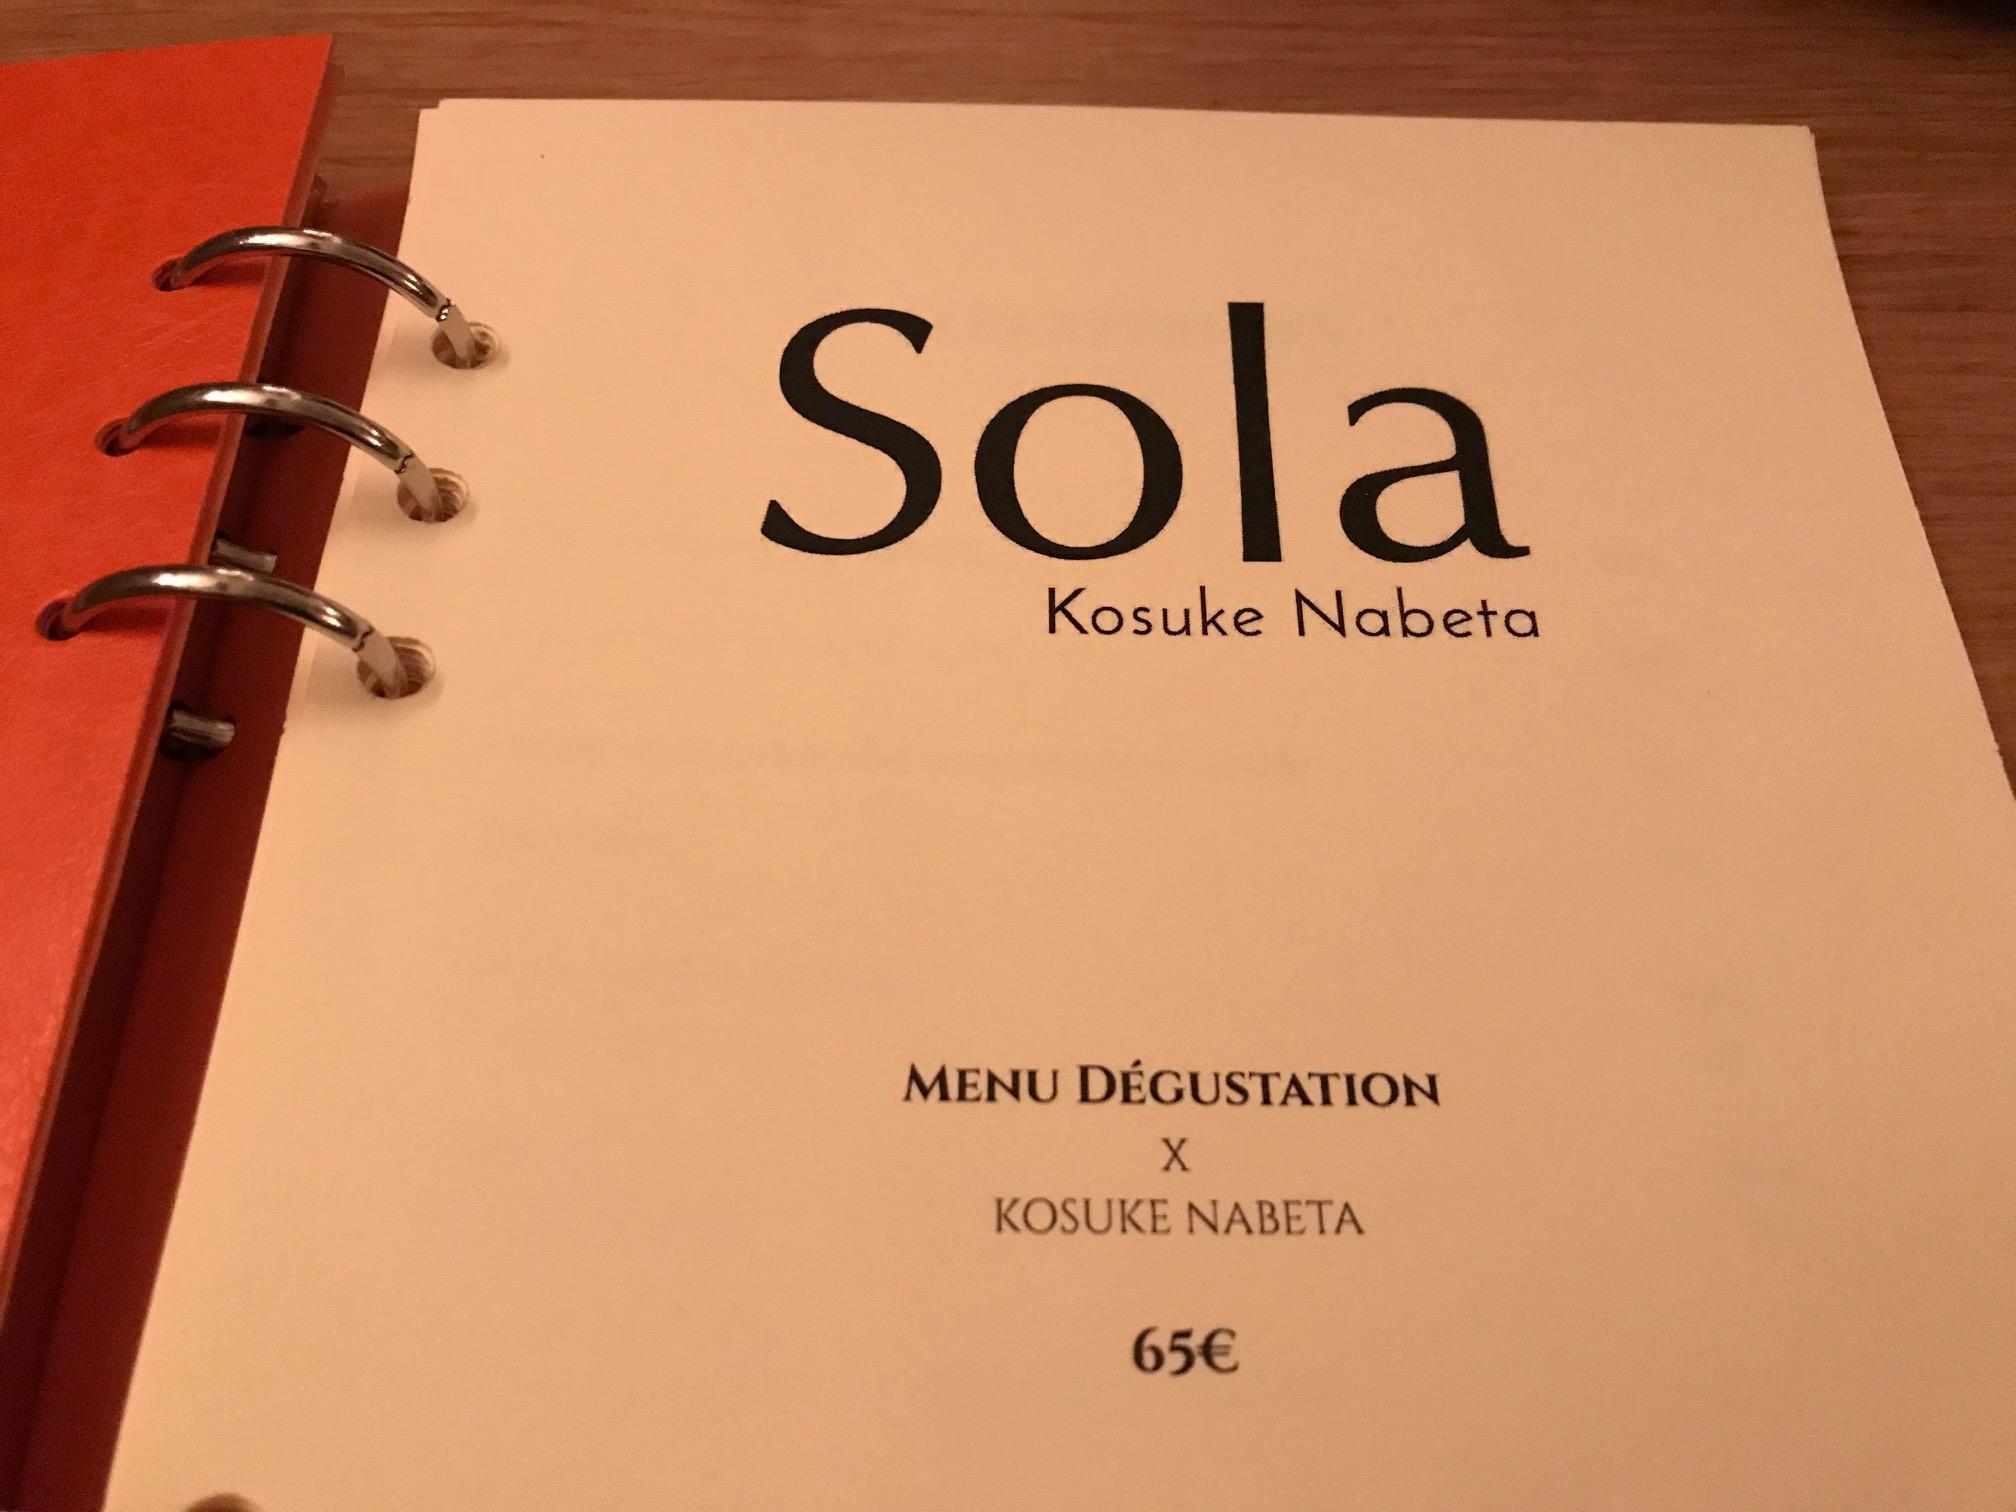 佐伯幸太郎の美女と美食三昧「Sola見たことか、返り咲いた巨人。Restaurant Sola」